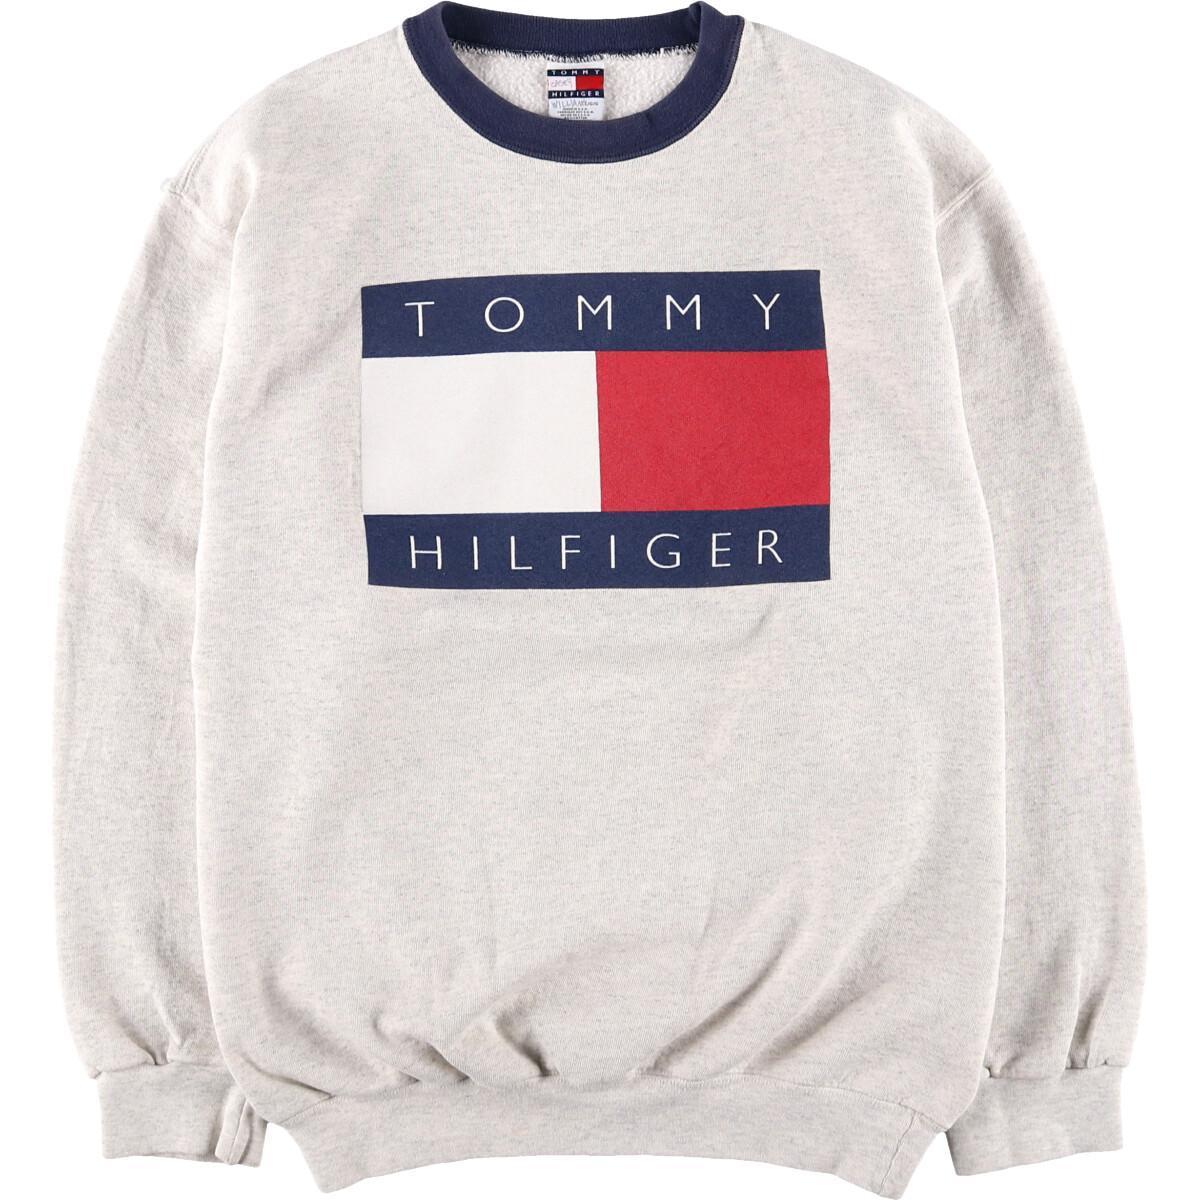 90年代 トミーヒルフィガー TOMMY HILFIGER プリントスウェットシャツ トレーナー USA製 レディースL ヴィンテージ /wca003027 【中古】 【200109】